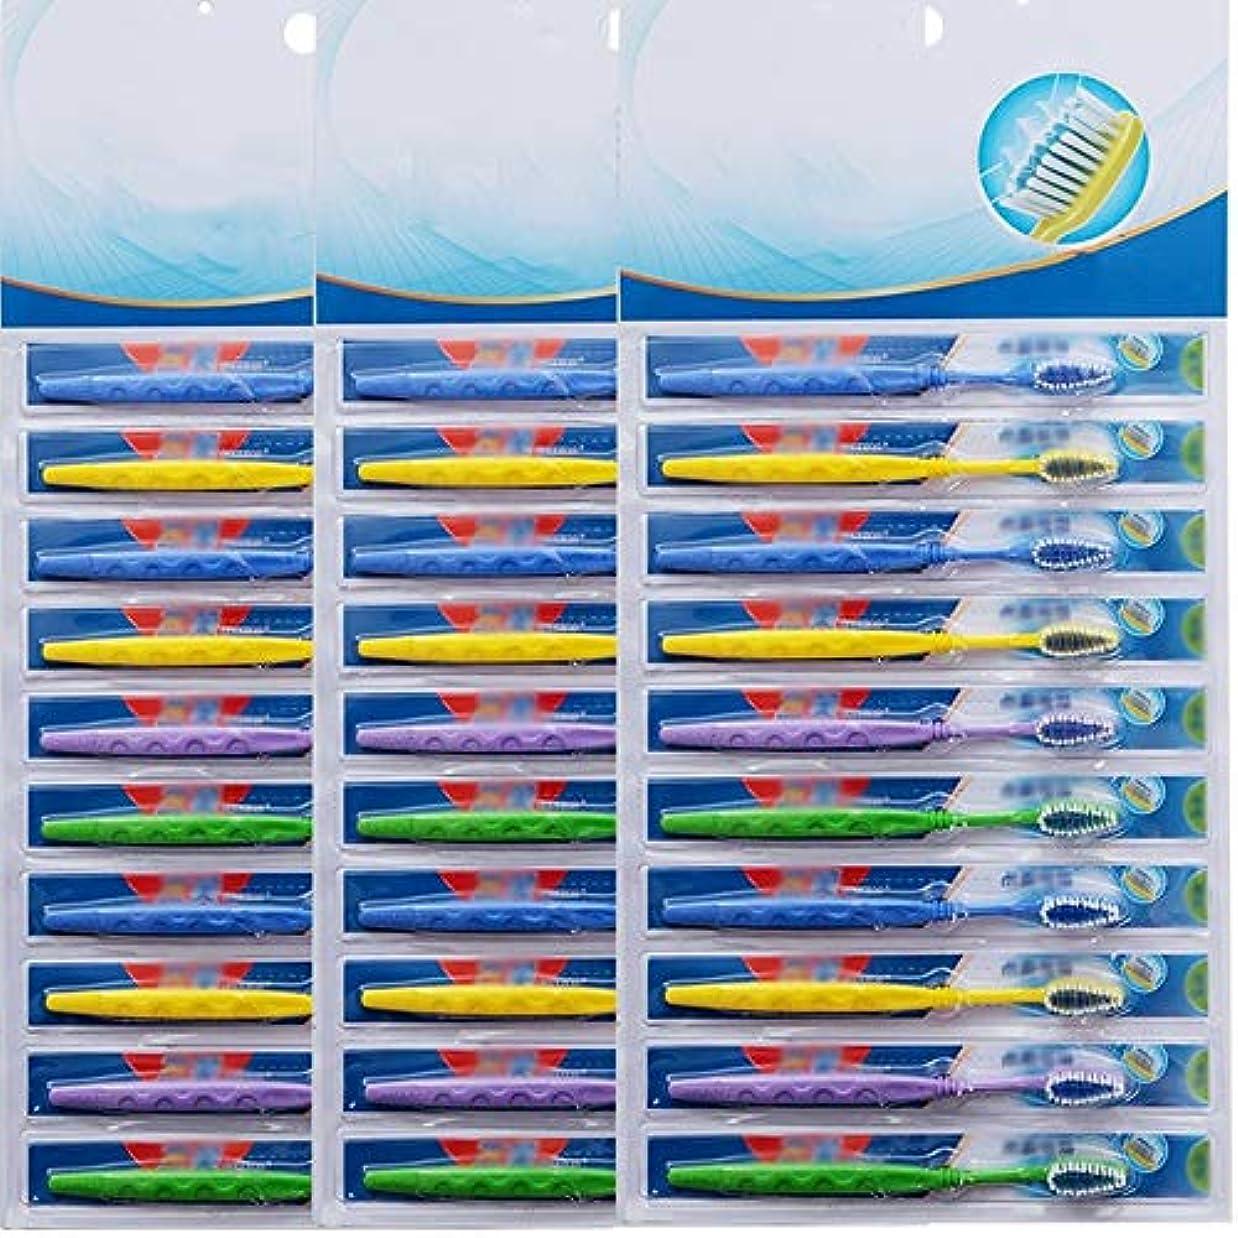 カビ禁じるオーナー歯ブラシ 30本の歯ブラシ、バルク大人歯ブラシ、歯茎のためのクリーンタルタルとケア - 使用可能なスタイルの2種類 KHL (色 : B, サイズ : 30 packs)